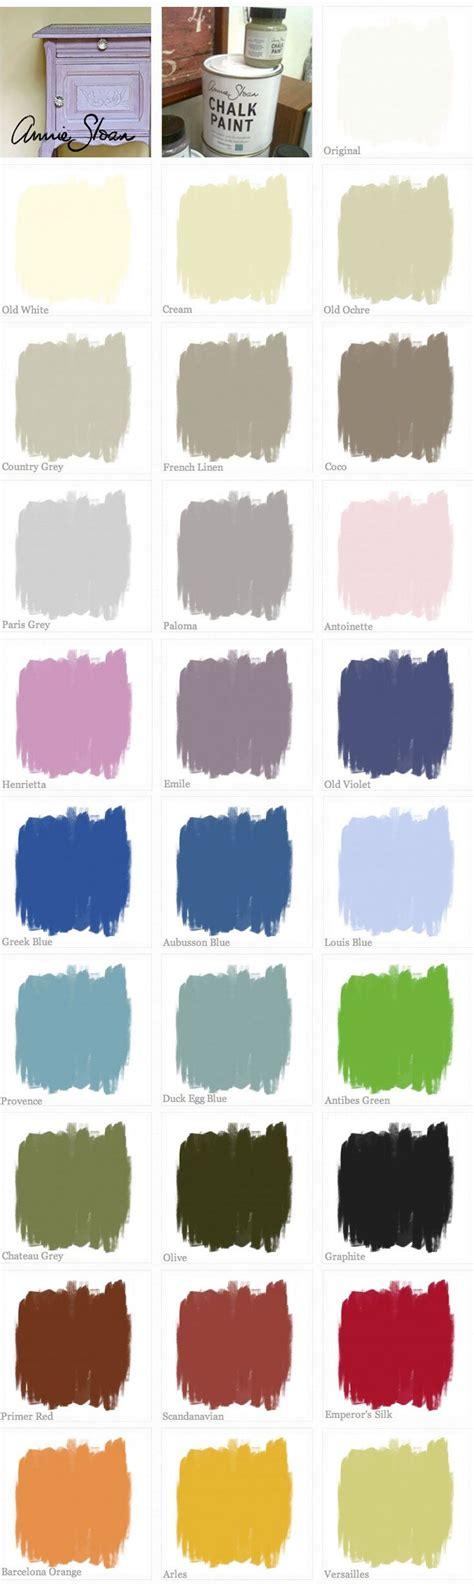 chalk paint sloan chalk paint color swatches